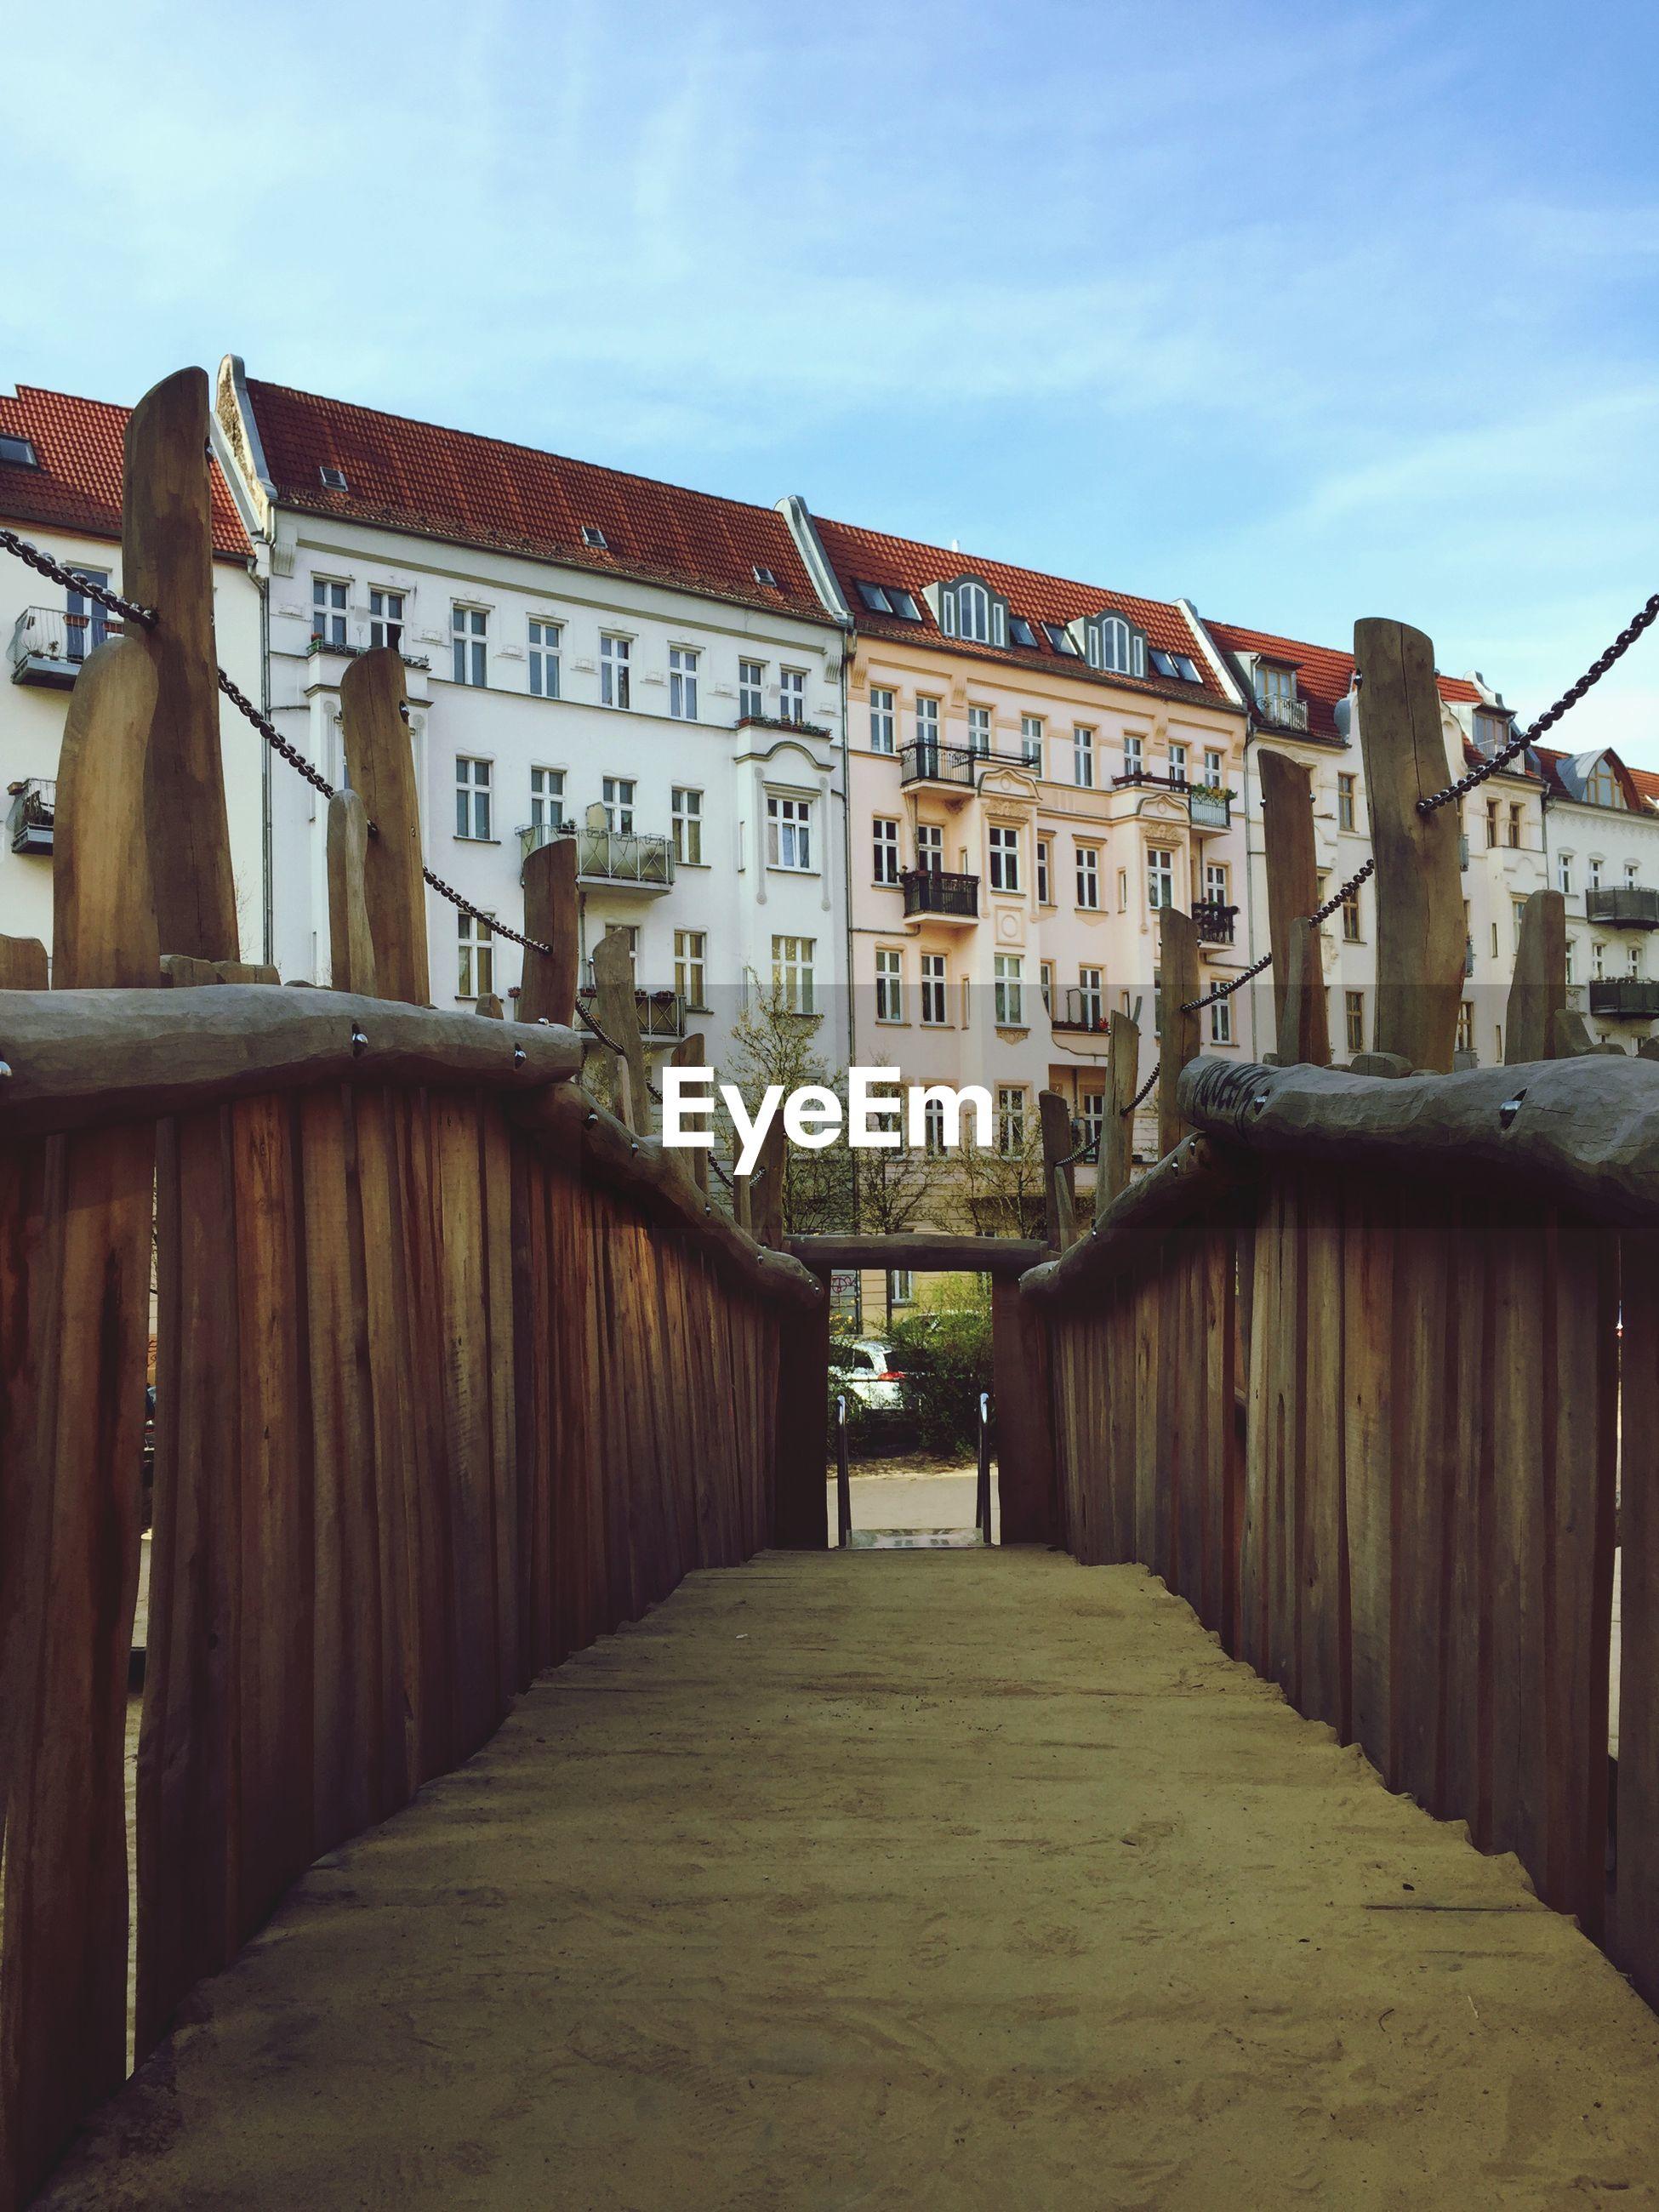 View of footbridge leading towards buildings